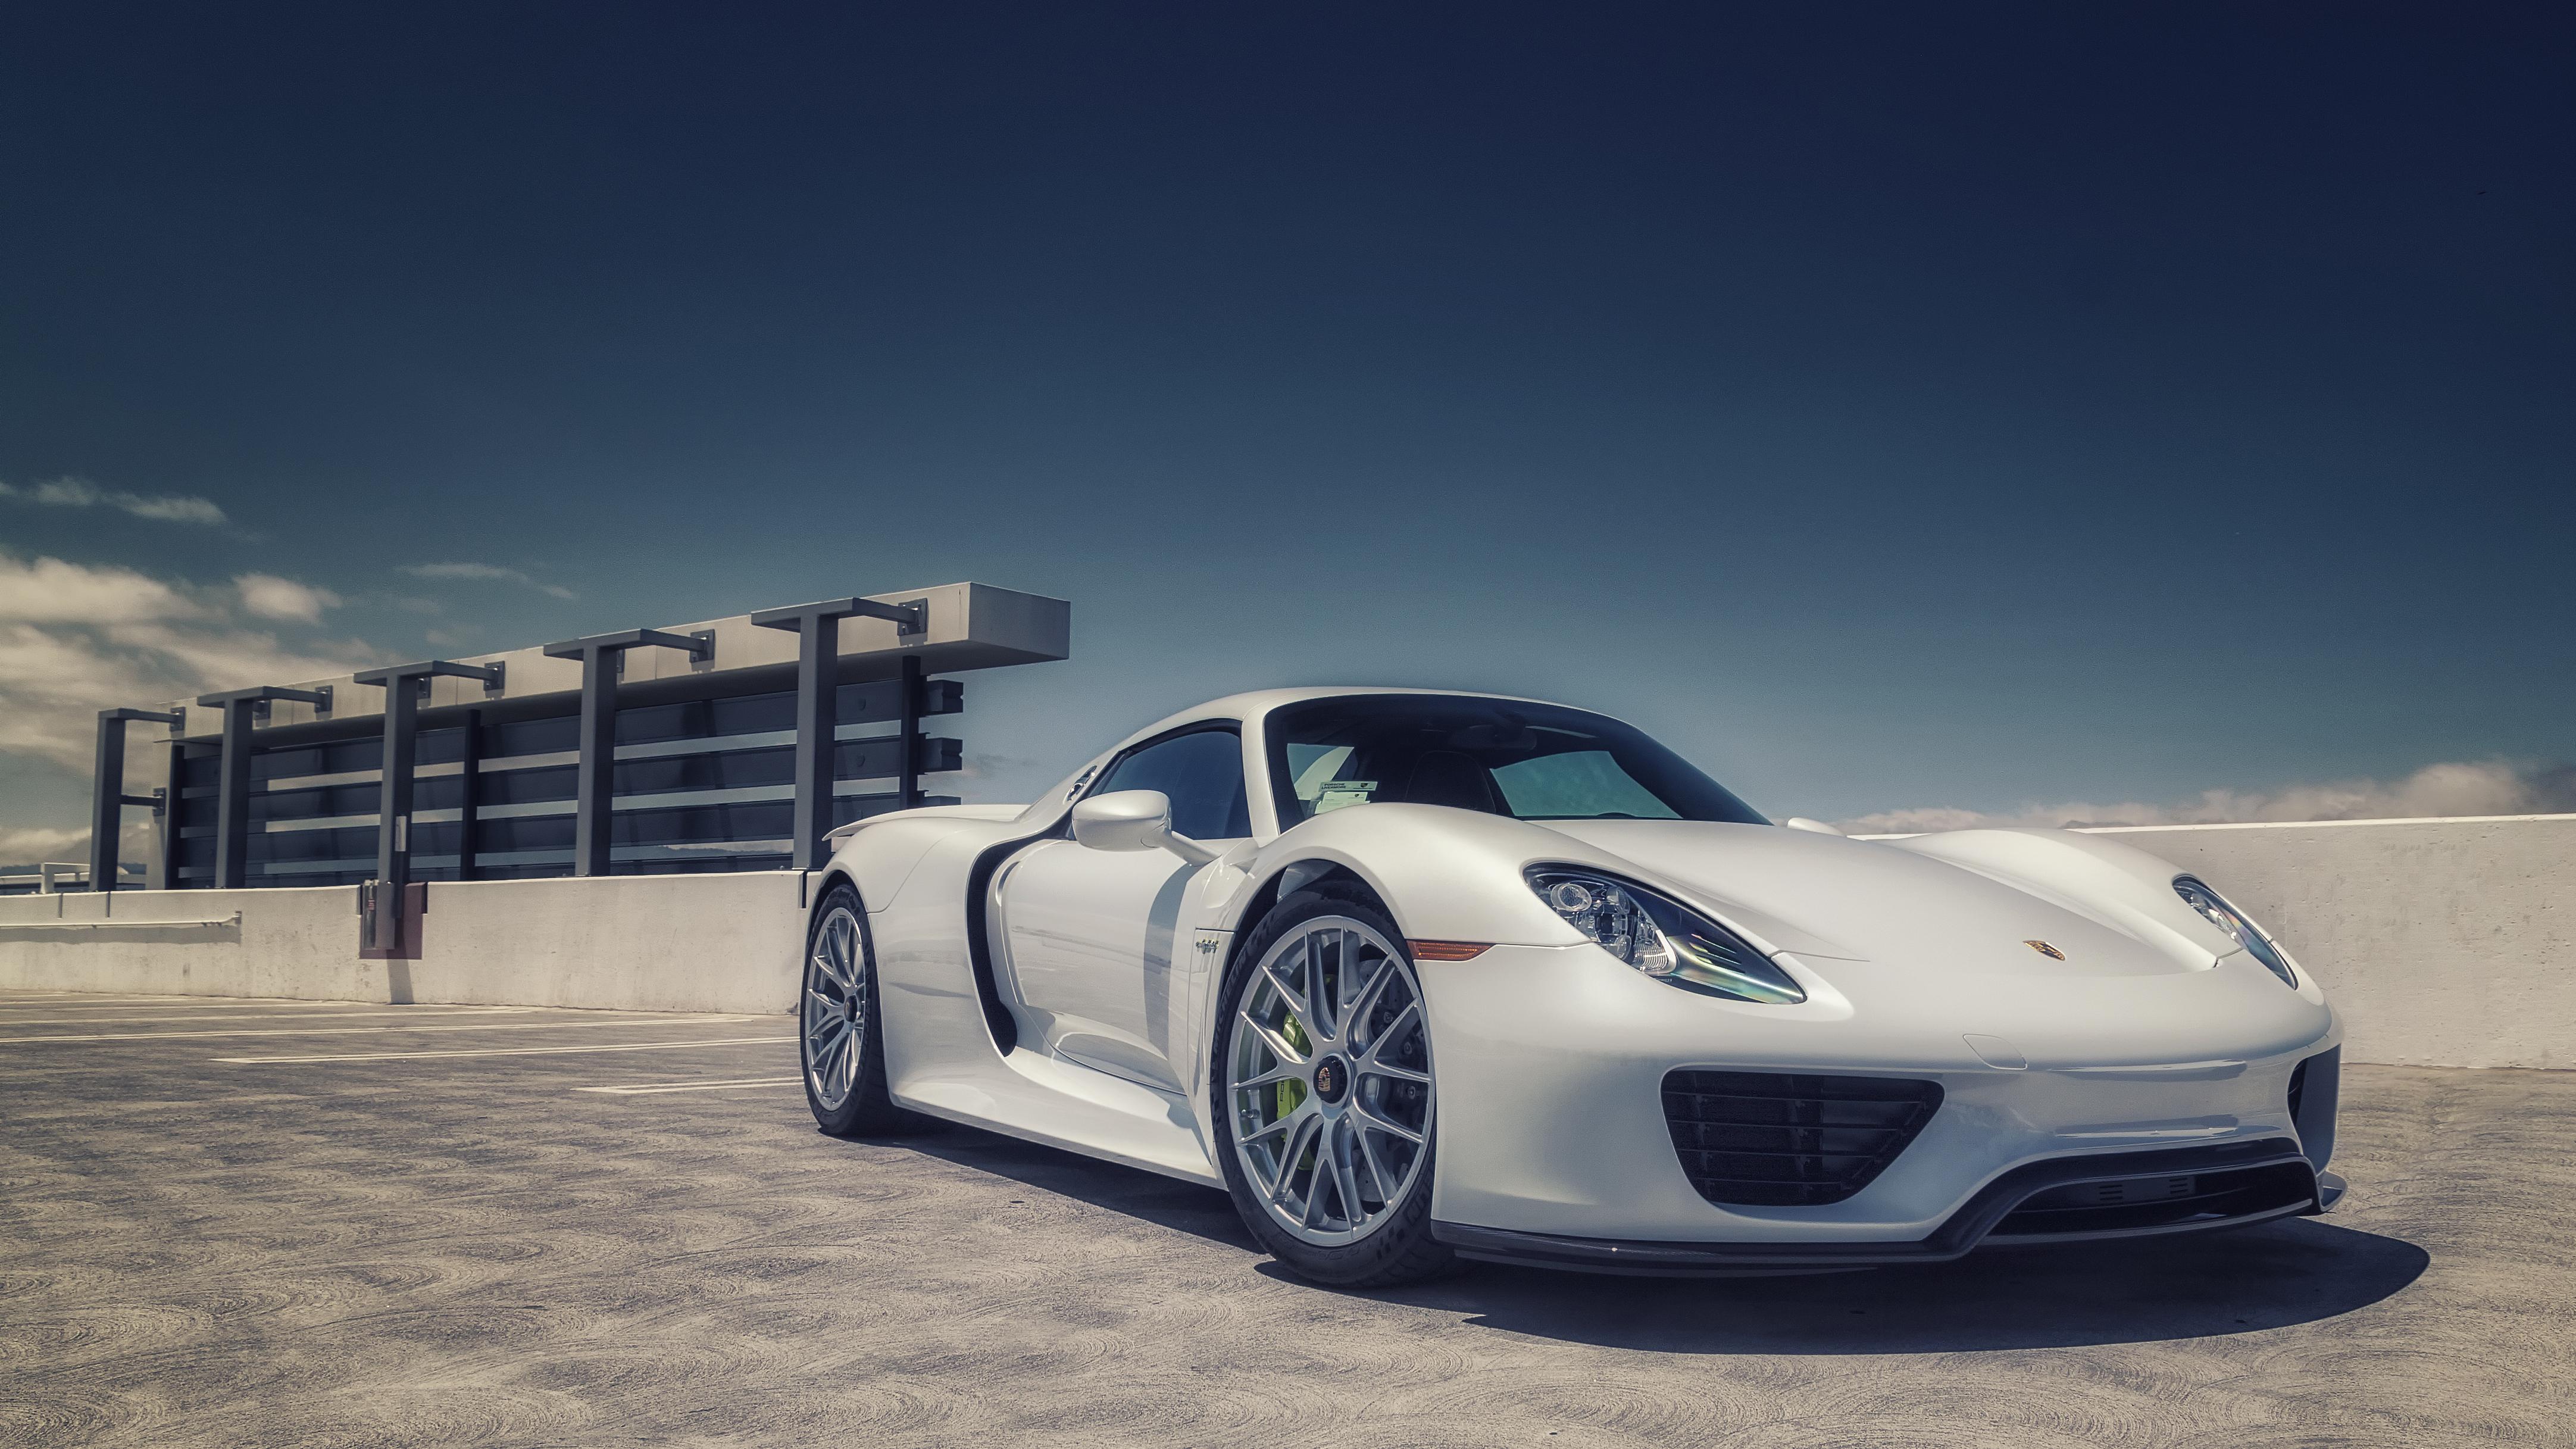 Porsche 918 Spyder 4k Ultra HD Wallpaper Background Image 4328x2434